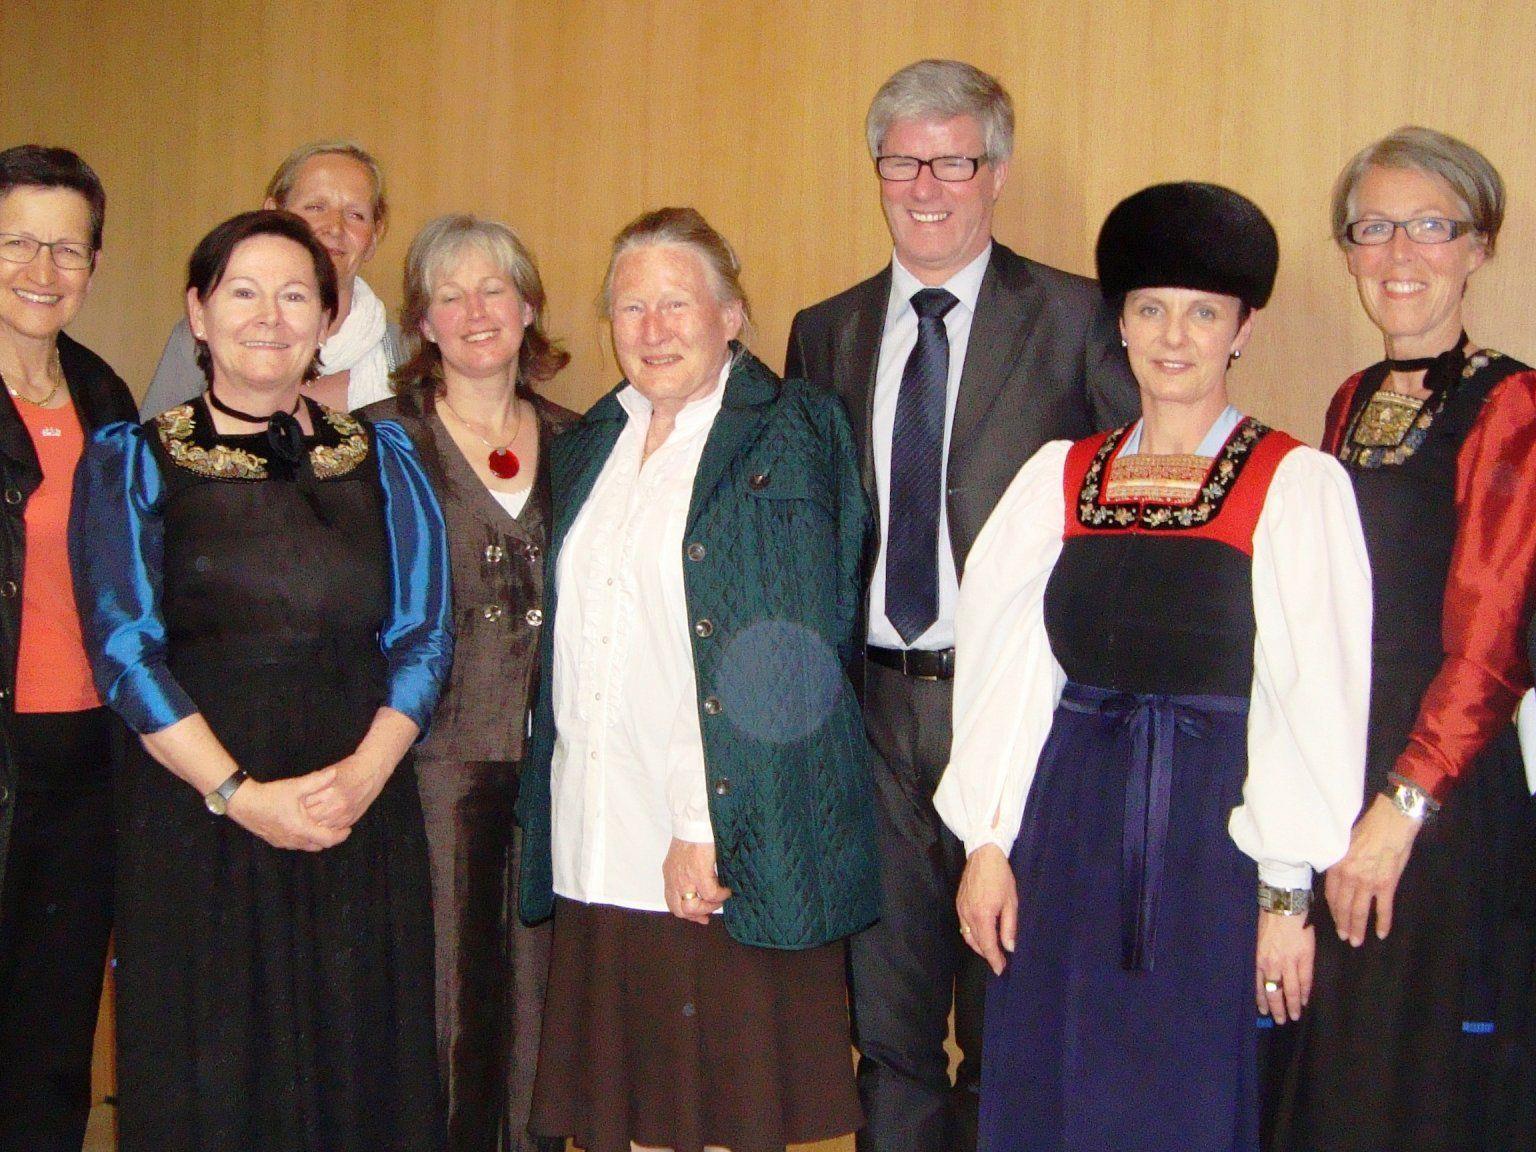 Der Vorstand des Frauenbundes mit Bürgermeister Georg Fröwis und LAR Grete Schmid